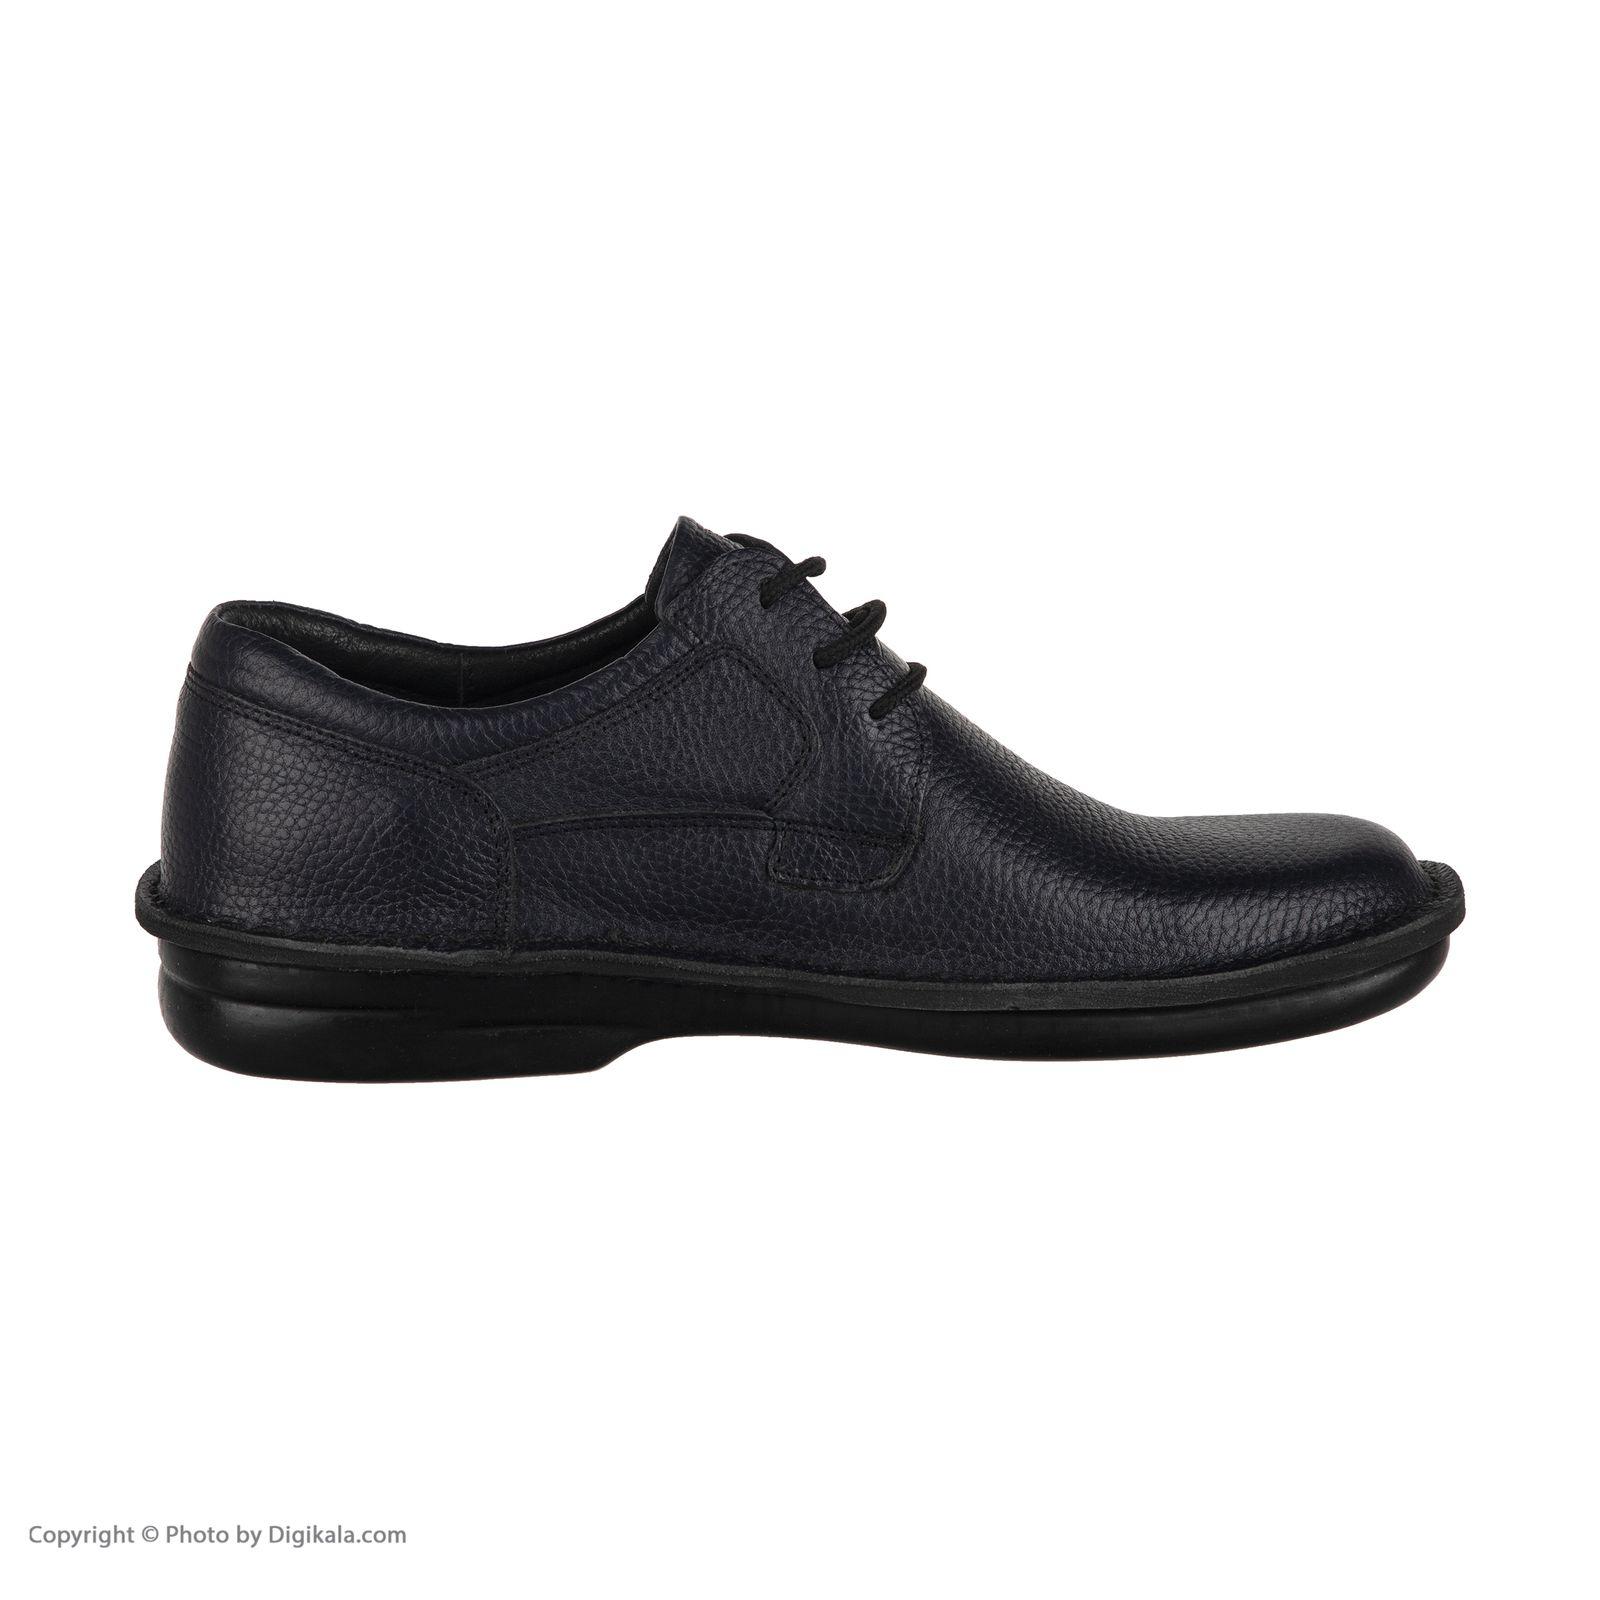 کفش روزمره مردانه سوته مدل 4789A501103 -  - 6